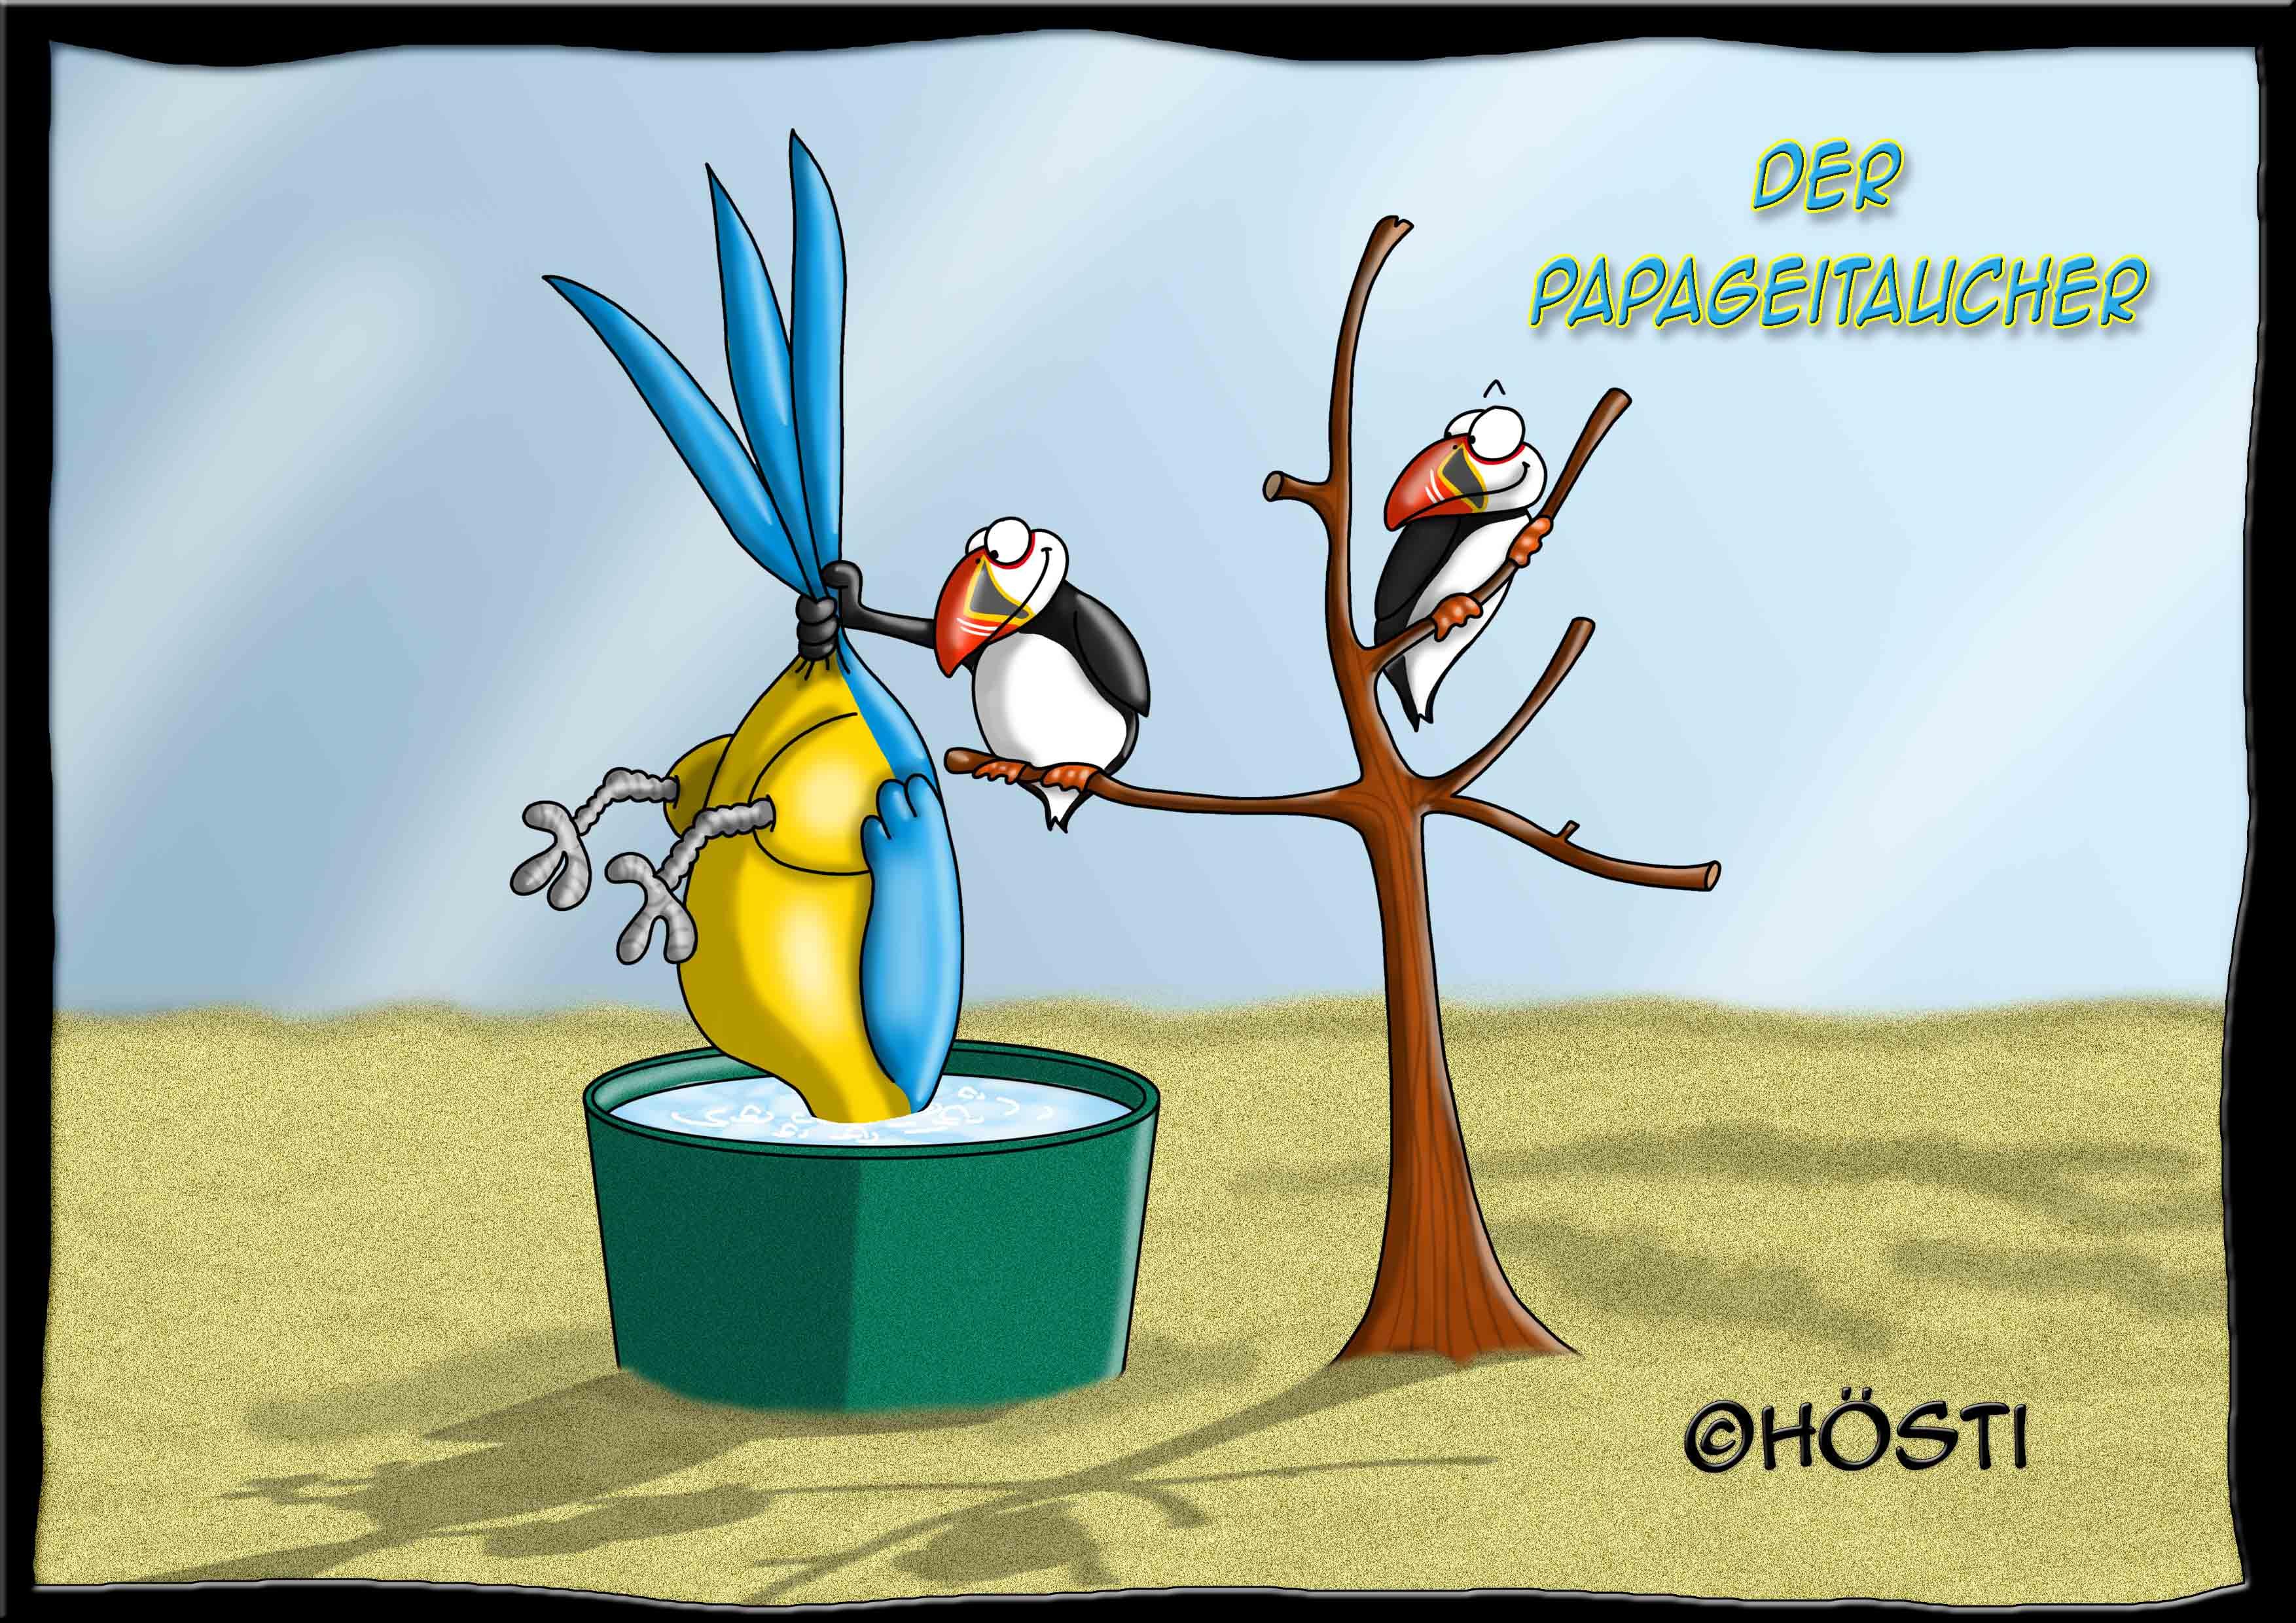 HVK Papageitaucher